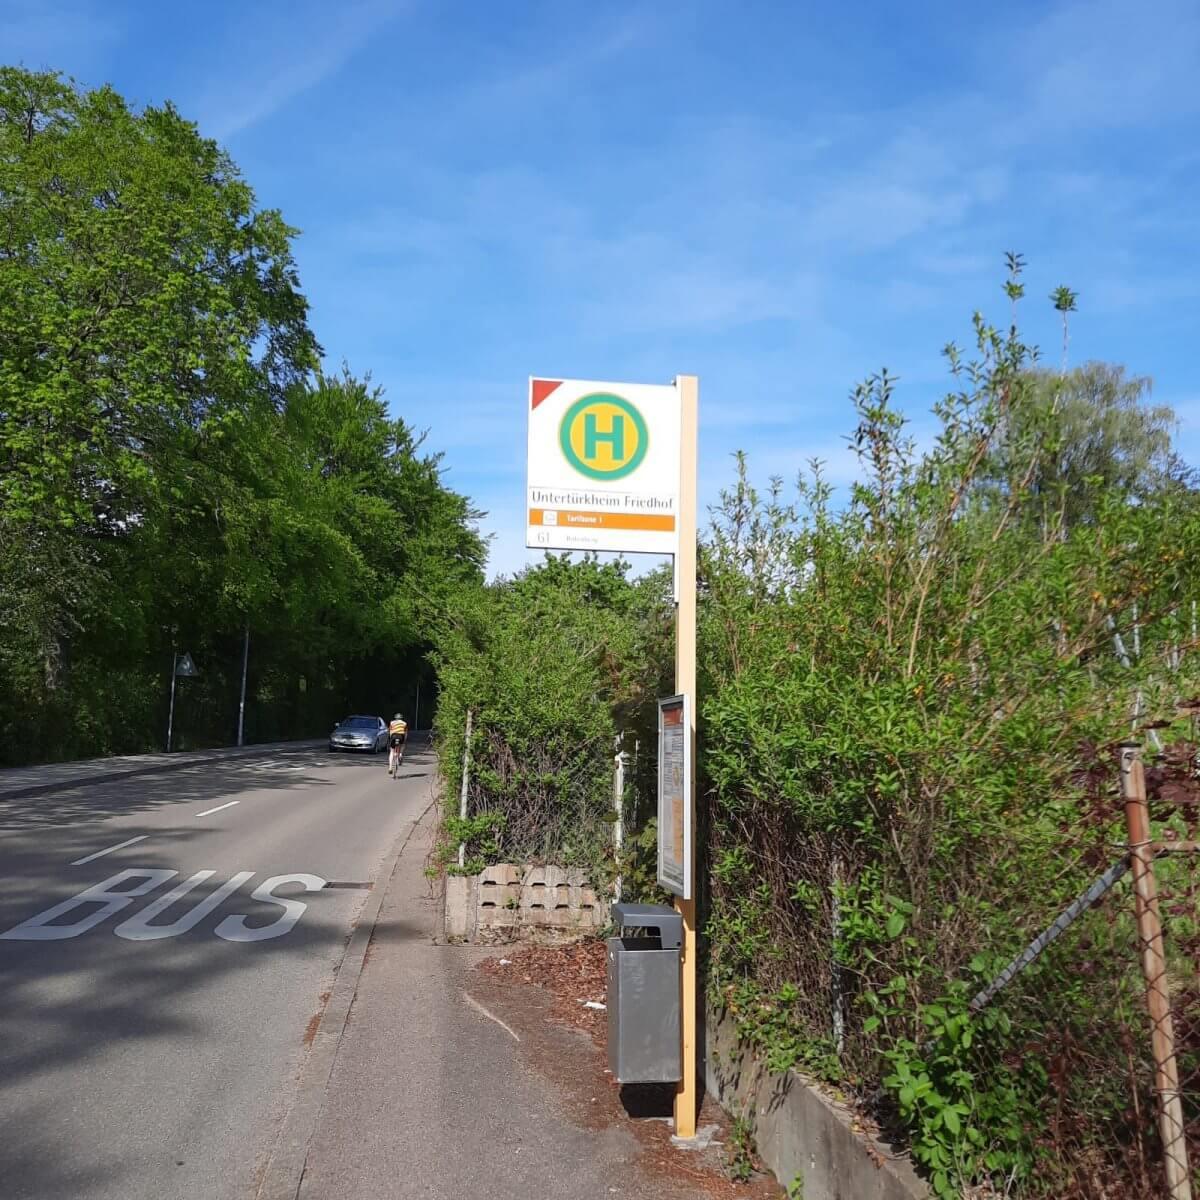 Friedhof Untertürkheim Bushaltestelle